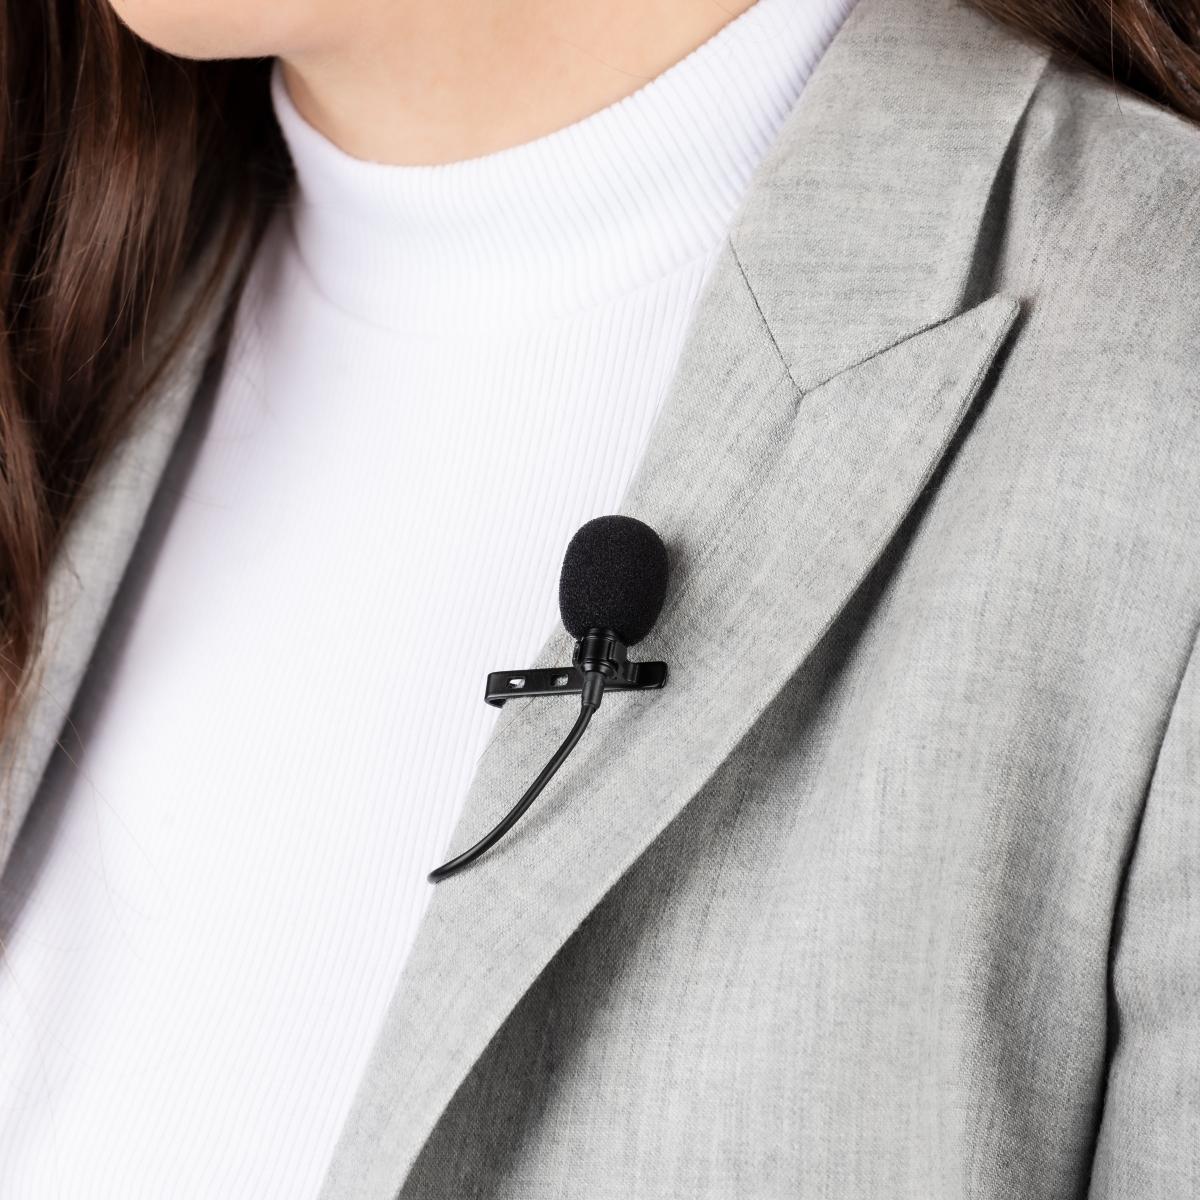 Klopový všesměrový mikrofon s 3m prodlužovacím kabelem nebude poutat přílišnou pozornost během rozhovorů či vlogů.